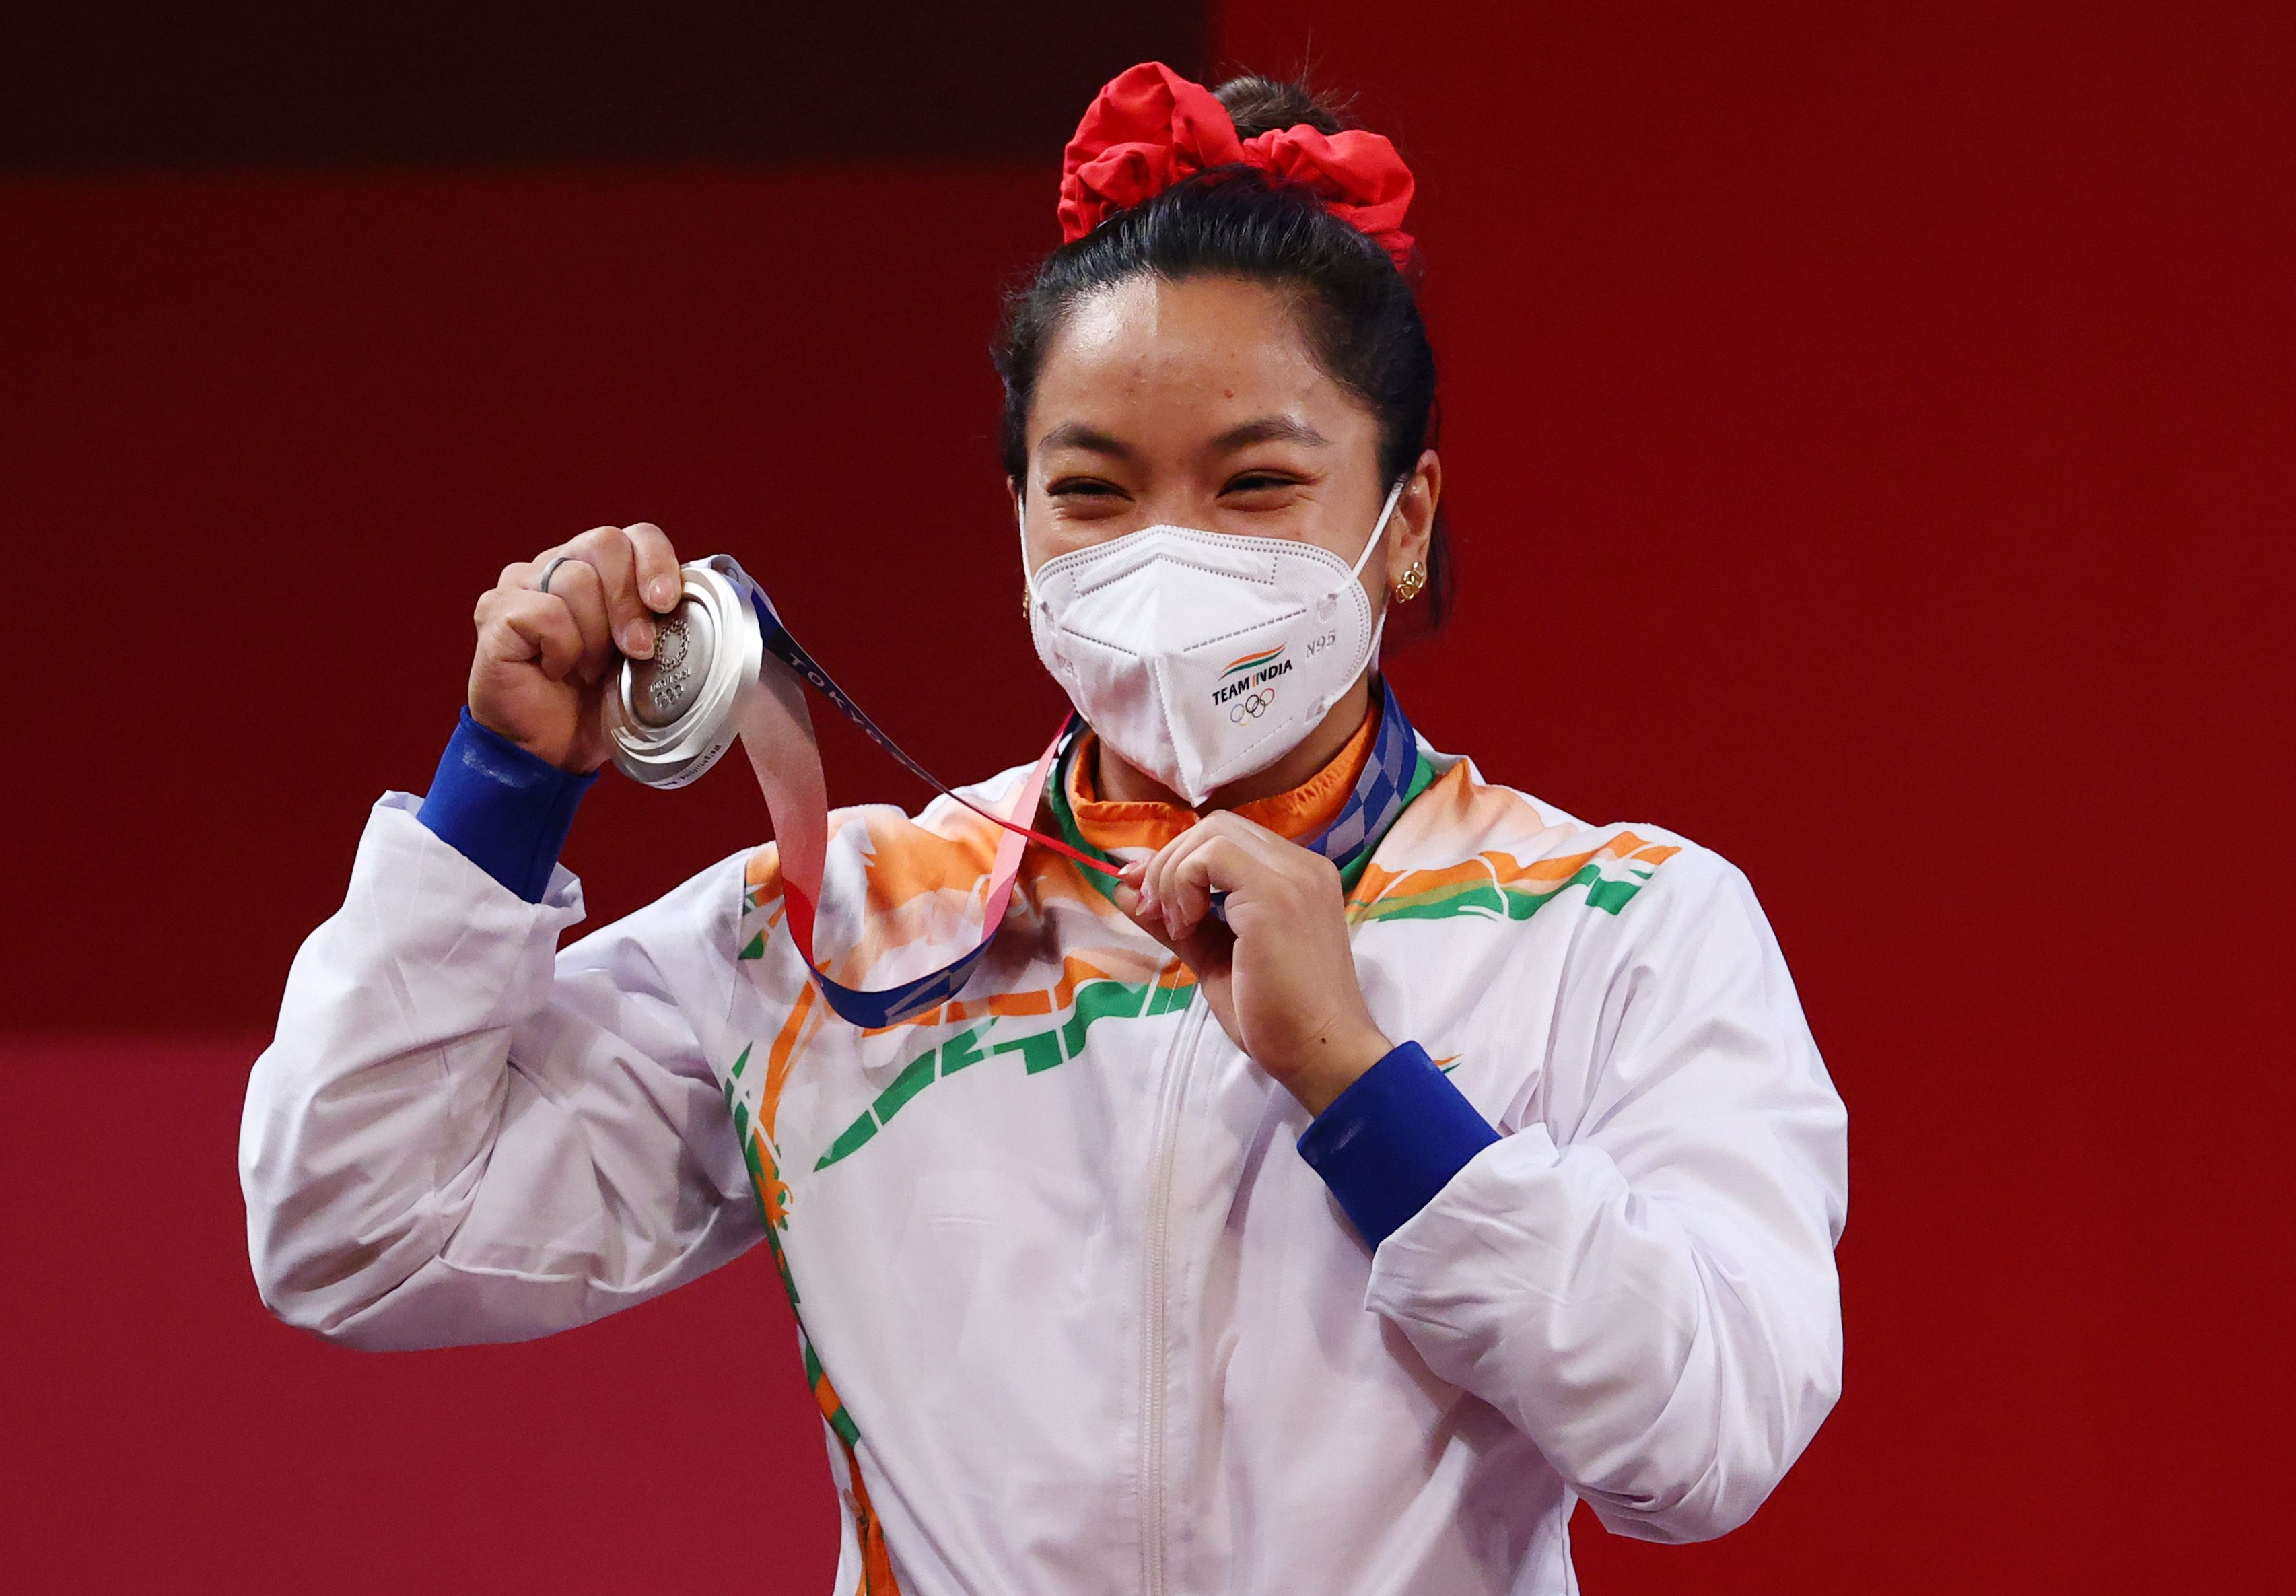 सिल्वर मेडल के साथ मीराबाई चानू। चीन की होउ जिहूई ने 210 किलोग्राम वजन उठाकर गोल्ड मेडल जीता। वहीं, इंडोनेशिया की कैंटिका विंडी ने ब्रॉन्ज जीता।